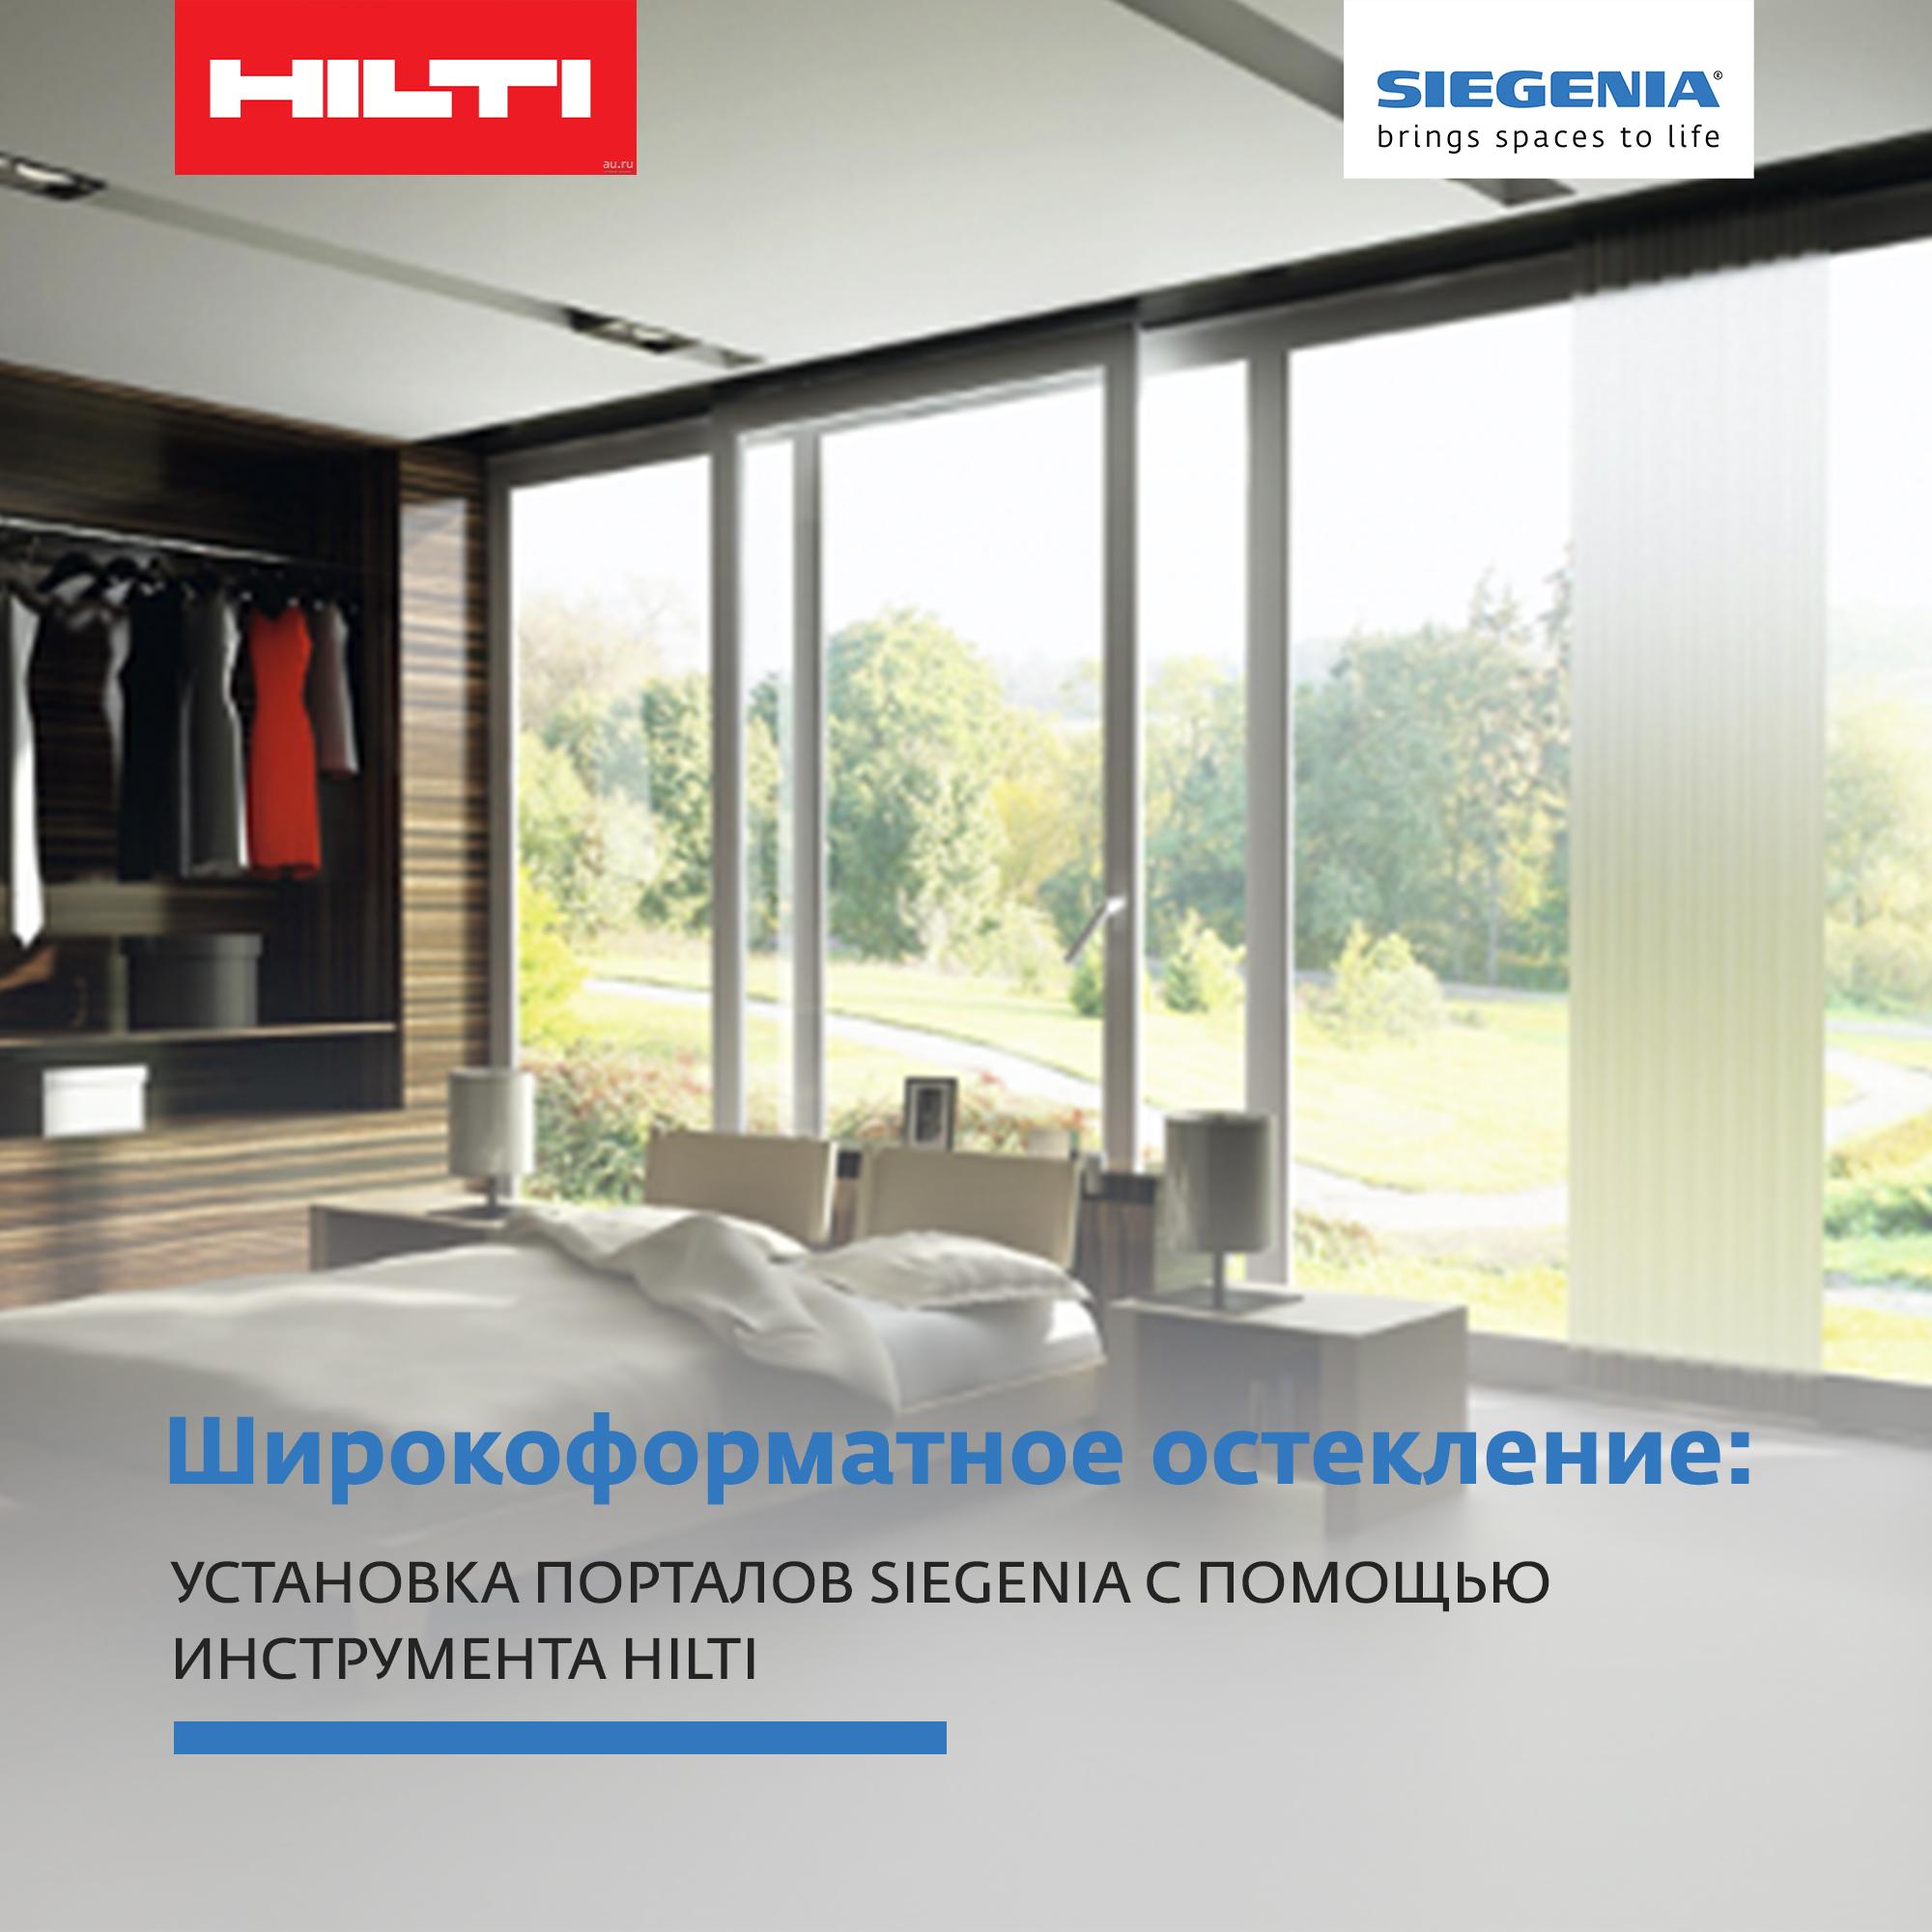 shirokoformatnoe-osteklenie-ustanovka-portalov-siegenia-c-pomoshchyu-instrumenta-hilti